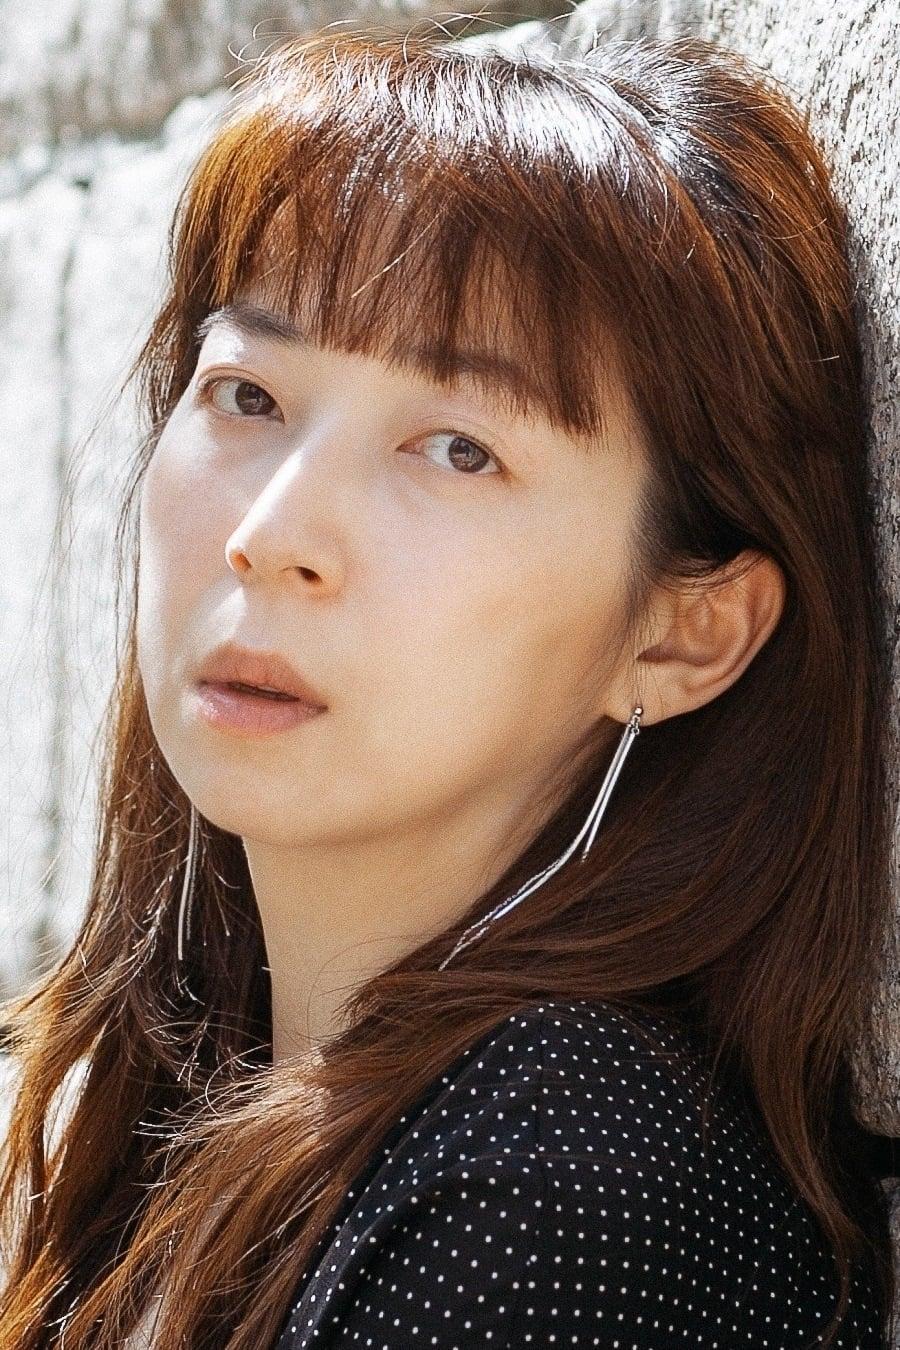 Park Hyun-young